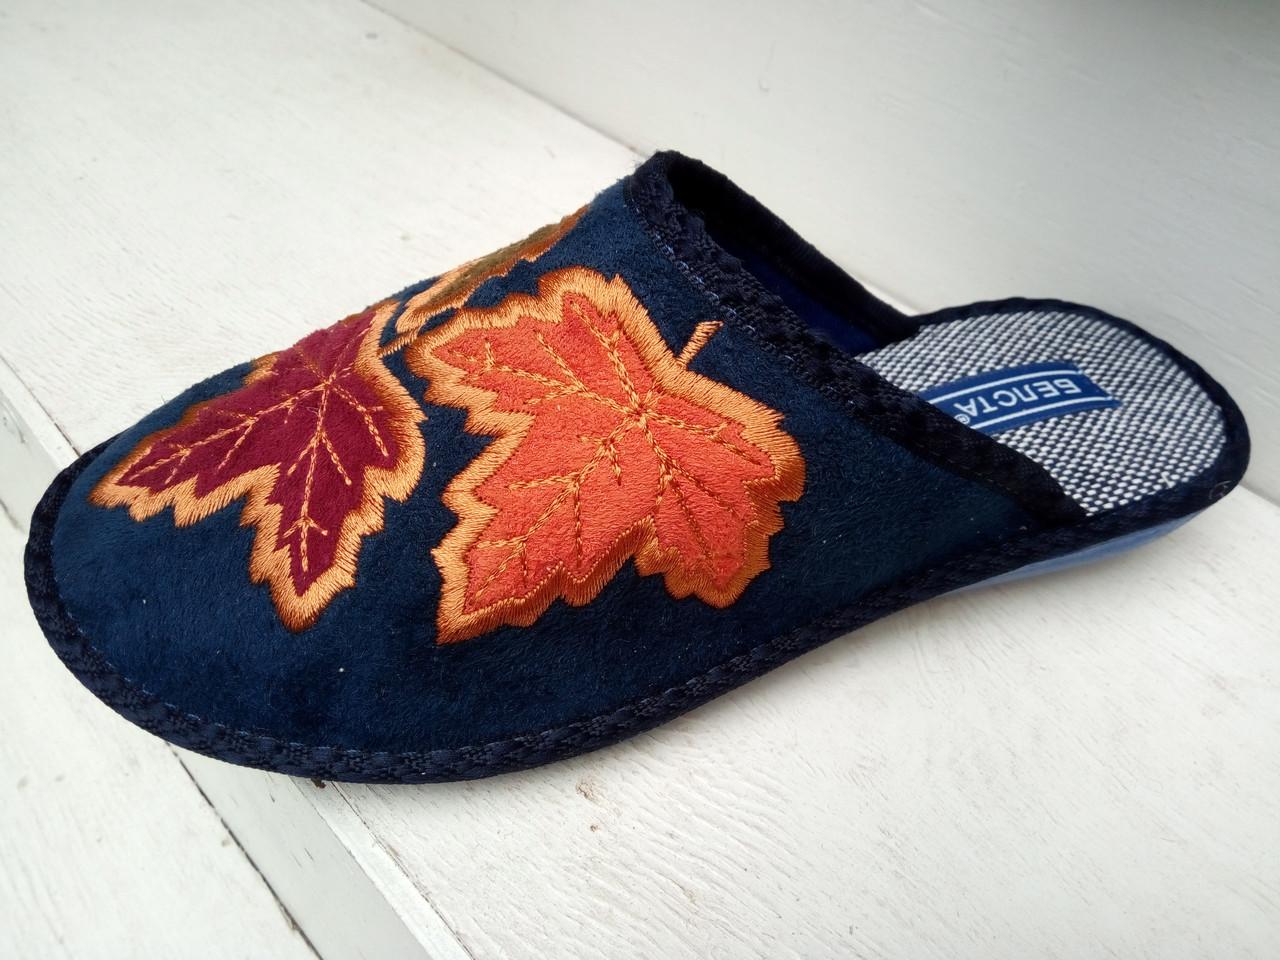 Тапочки женские Клиновый листБелста с 36-40